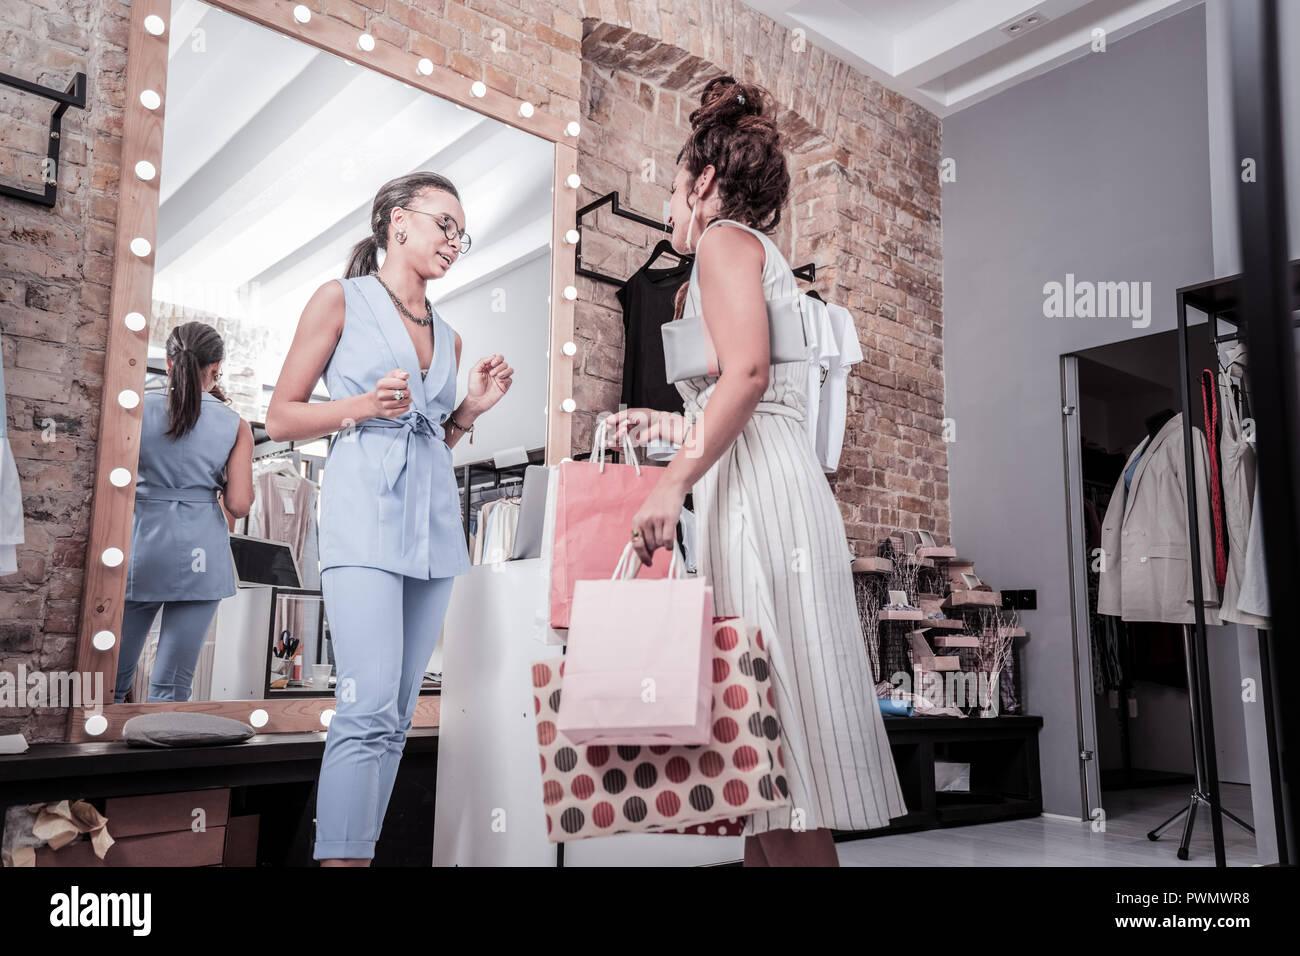 Femme portant robe rayée laissant d'exposition avec de nombreux achats Photo Stock